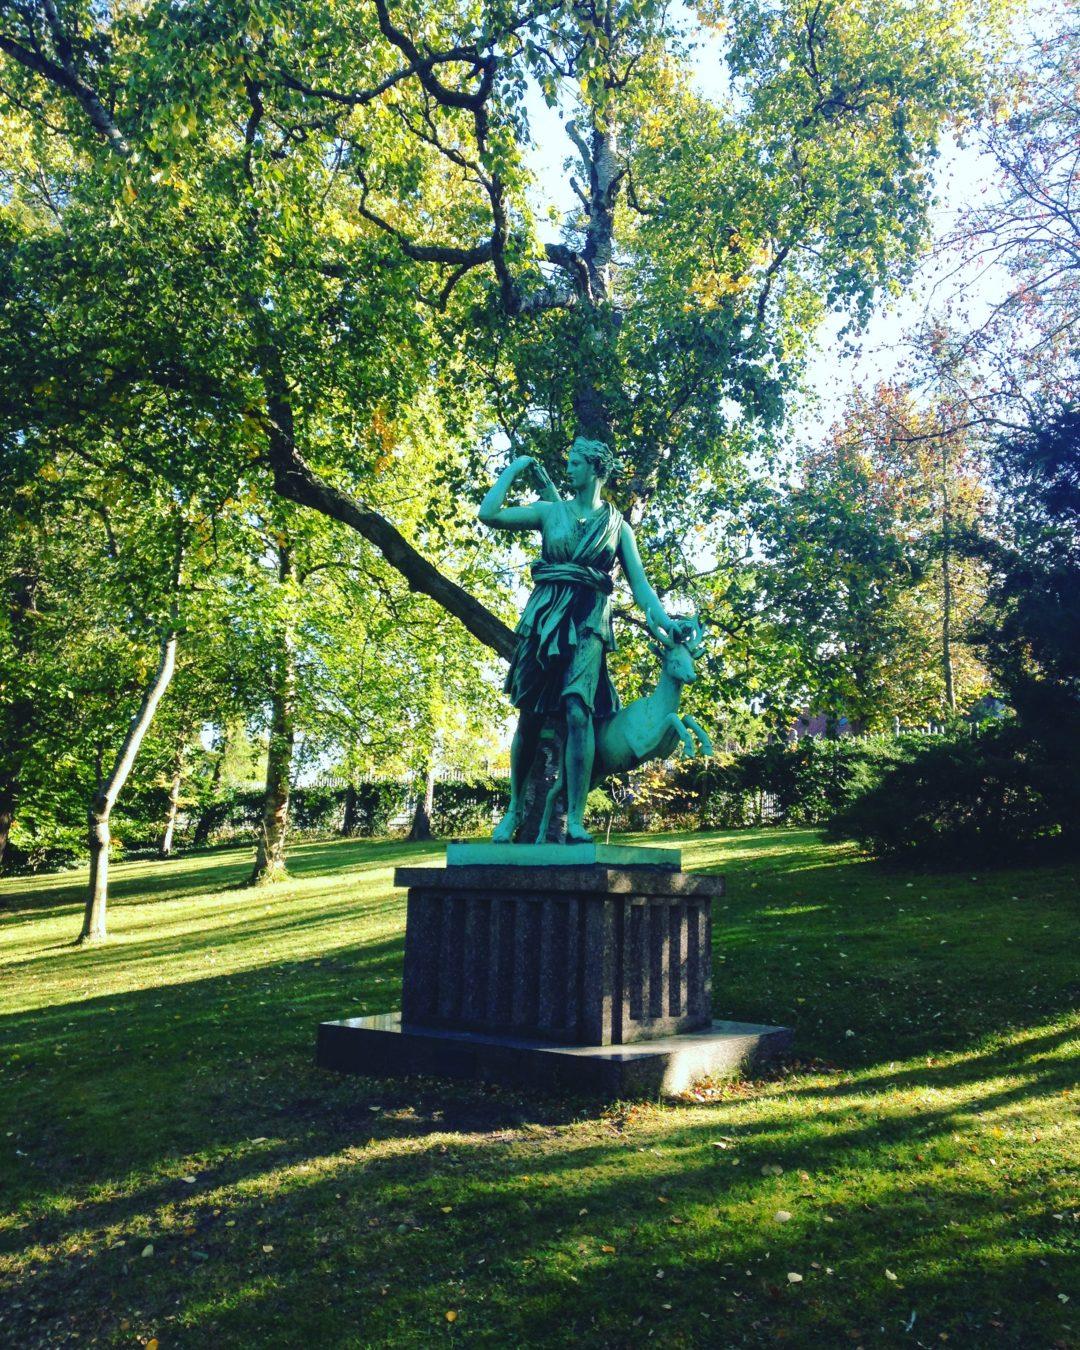 Statue jardin botanique botanical garden